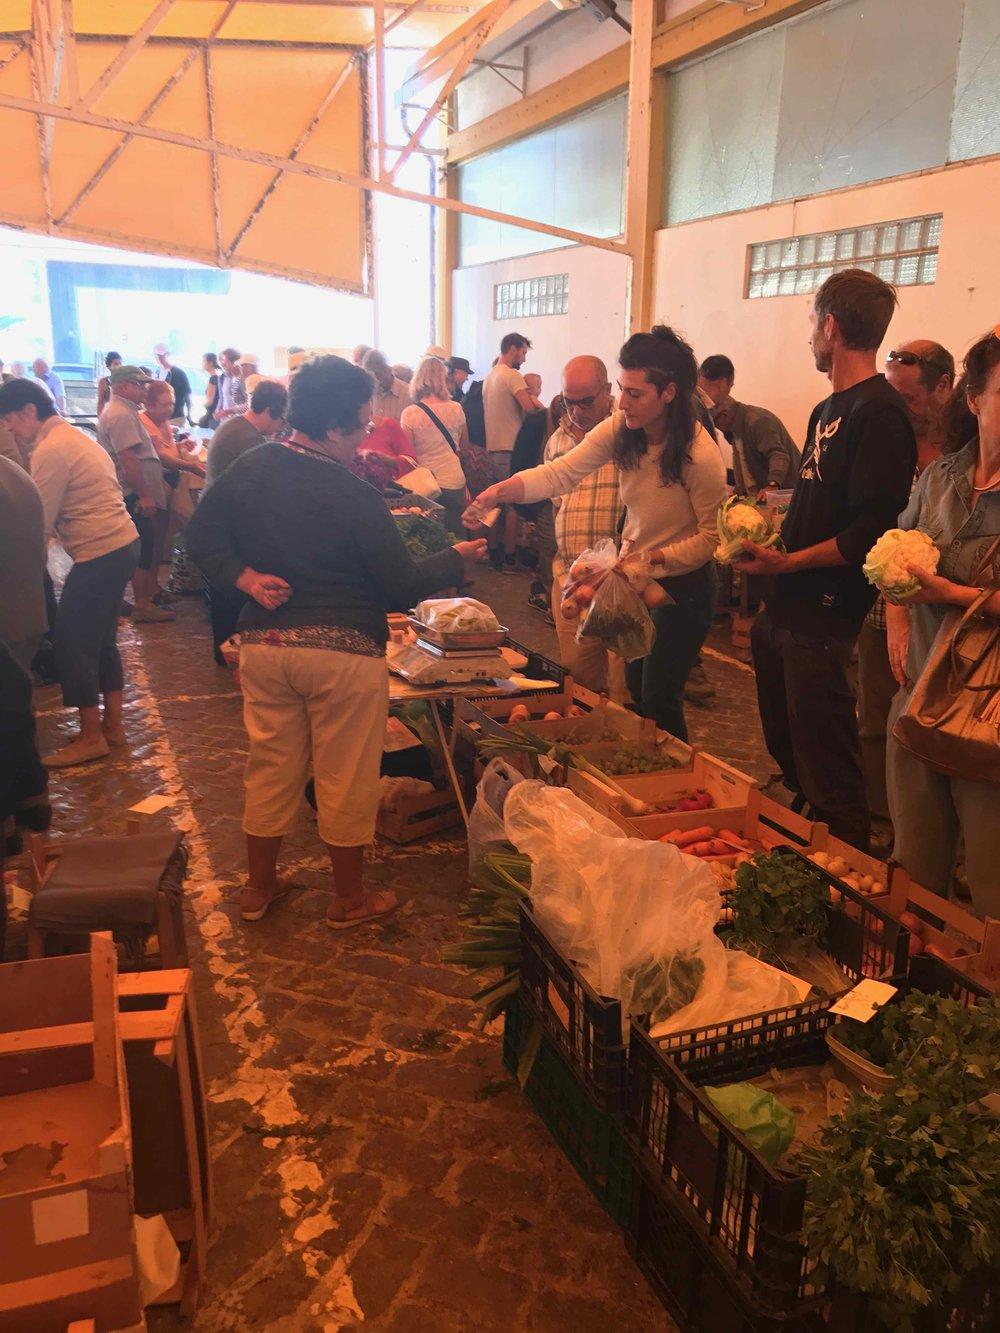 #disawistories #reiseblog #portugal #algarve #lagos #wochenmarkt #digitalnomad #surfen.jpg